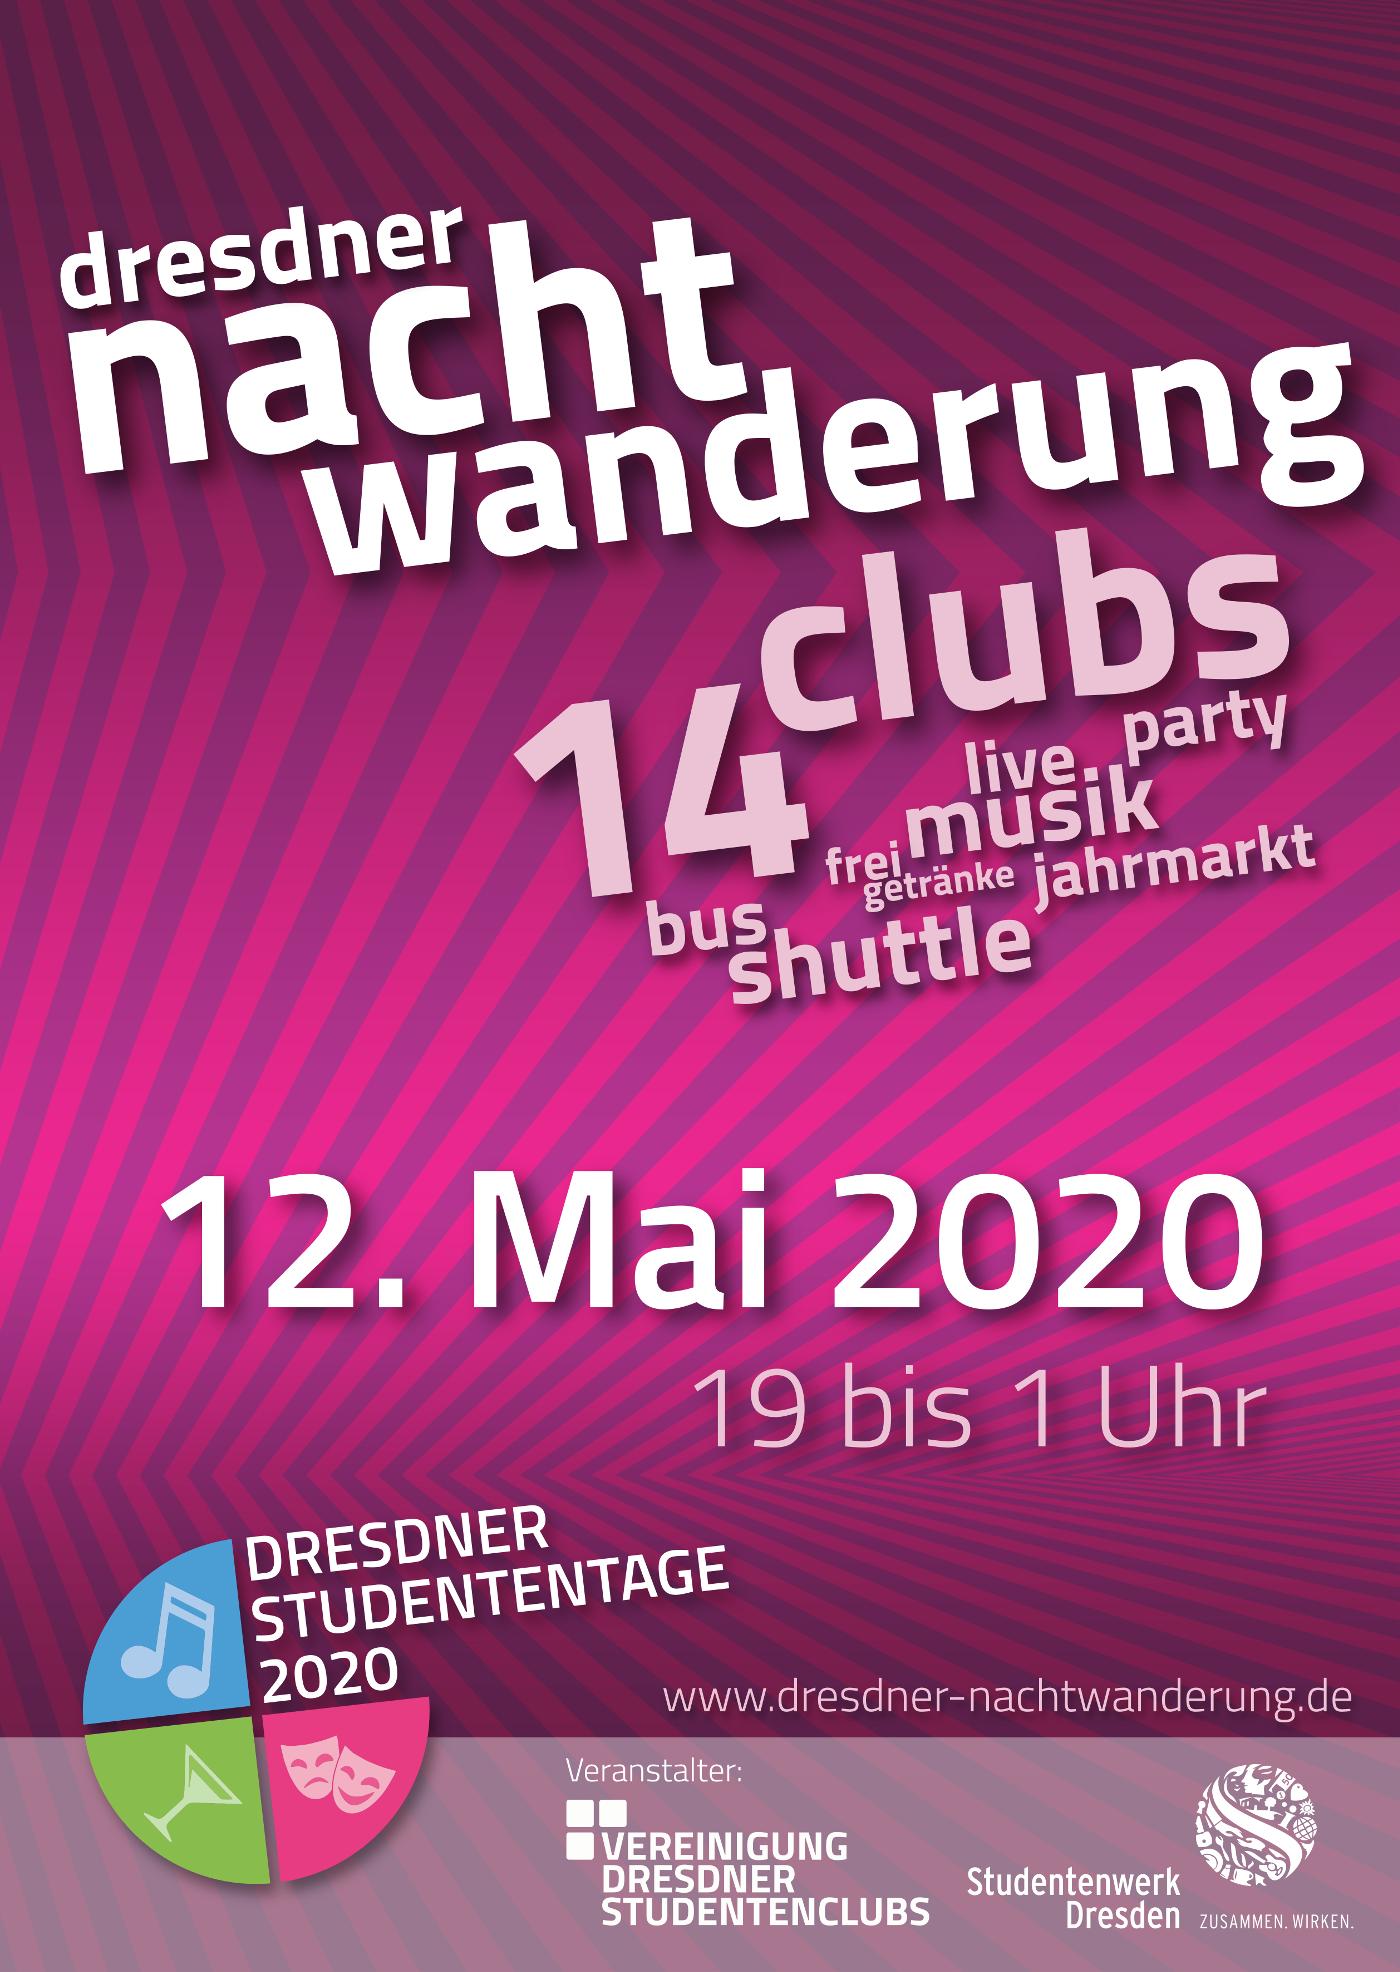 Dresdner Nachtwanderung 2020